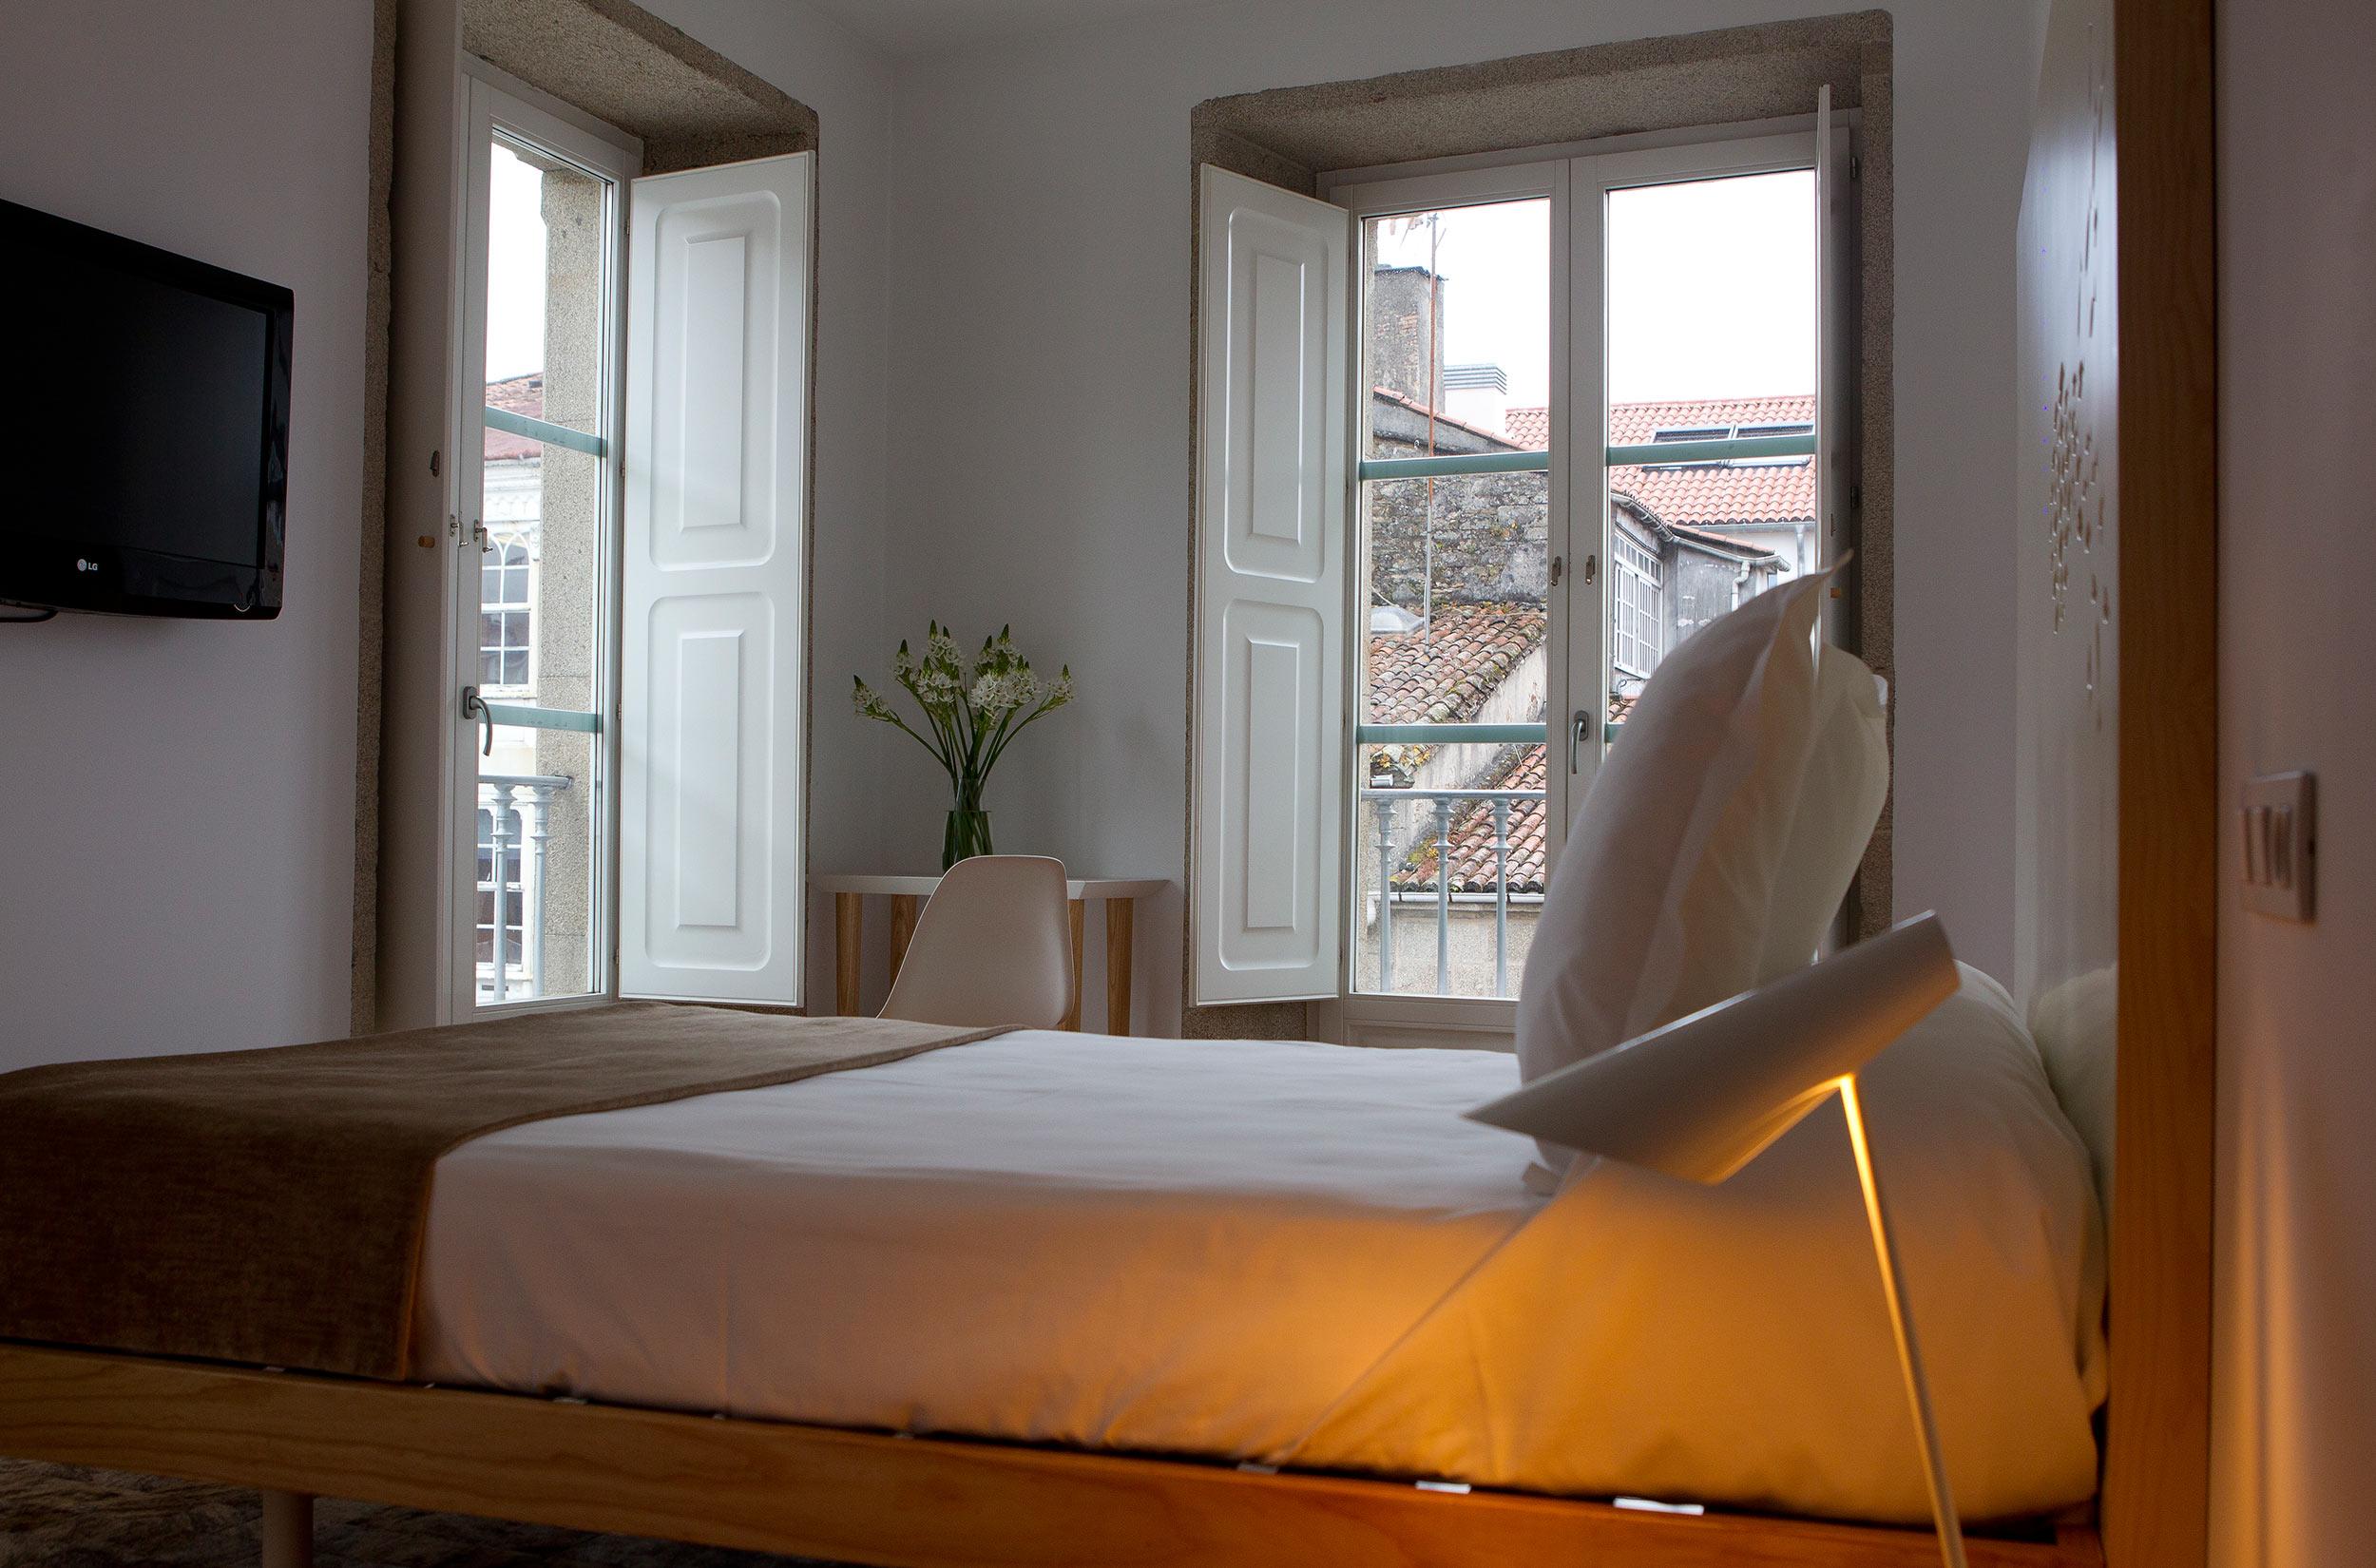 Habitación estándar con balcón